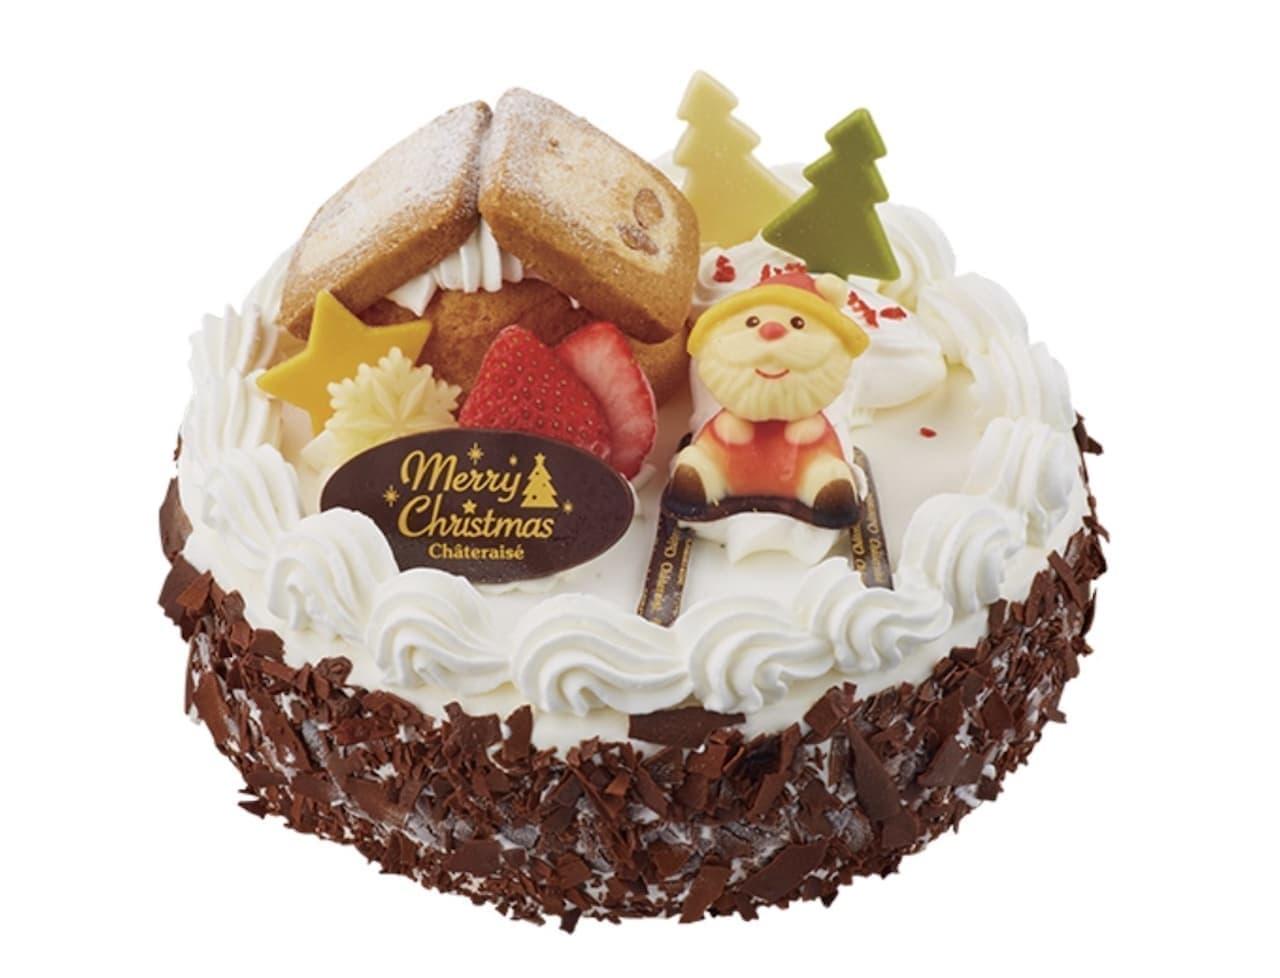 シャトレーゼ「Xmasアイスデコレーション パリパリチョコバニラ&チョコクッキー」